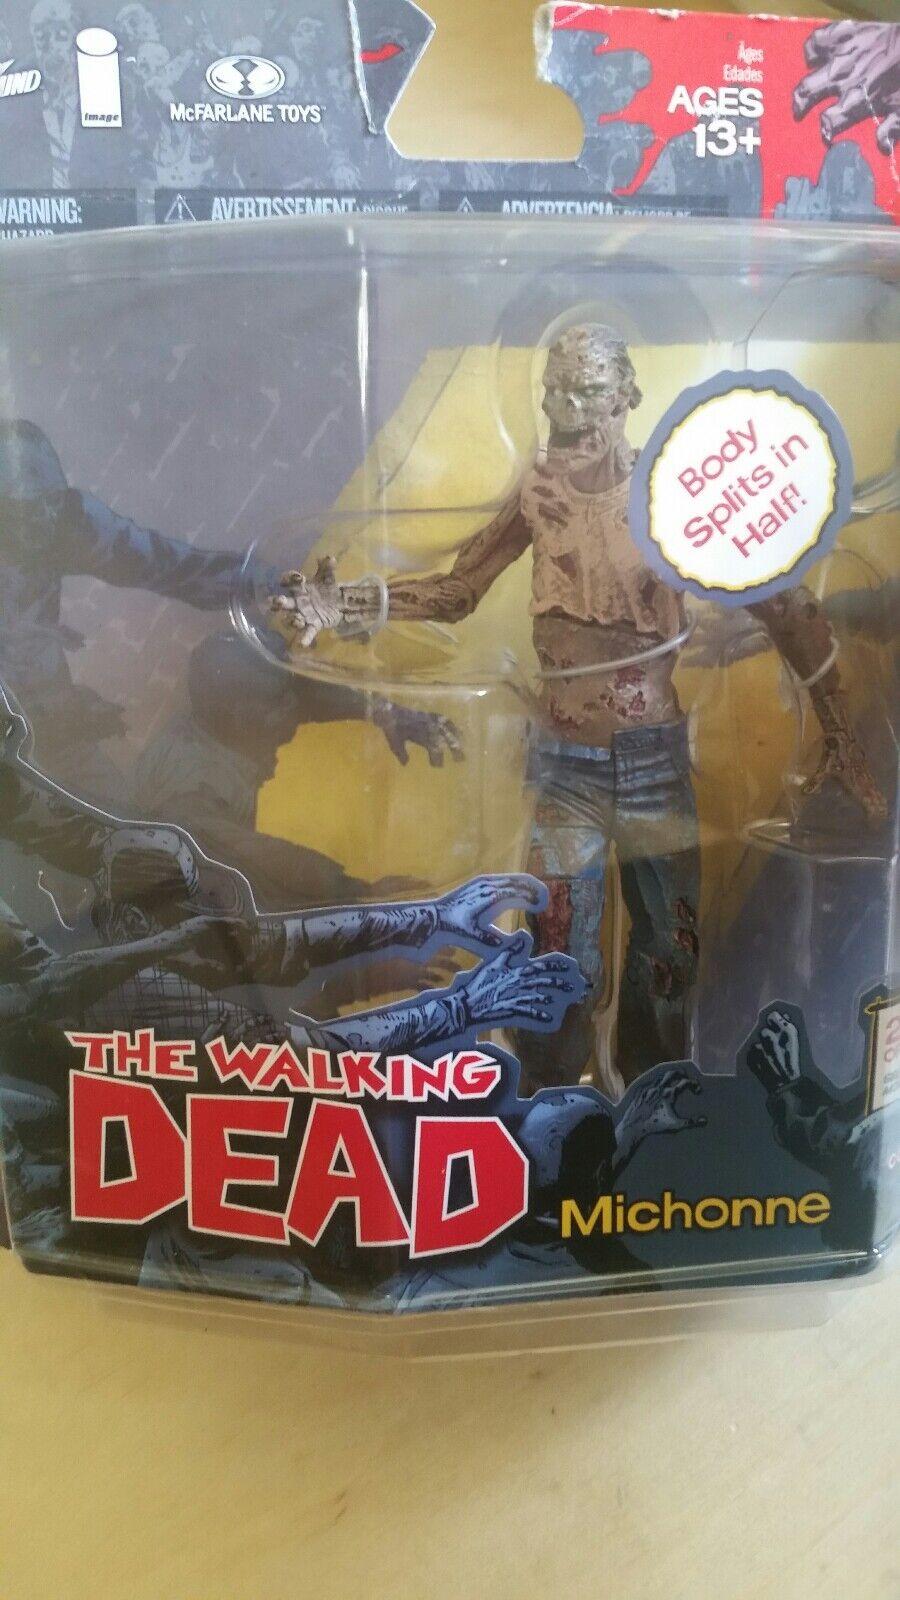 die seltenen fehldruck kasten  walking dead zombie schnüffler abbildung mcfarlane serie michonne